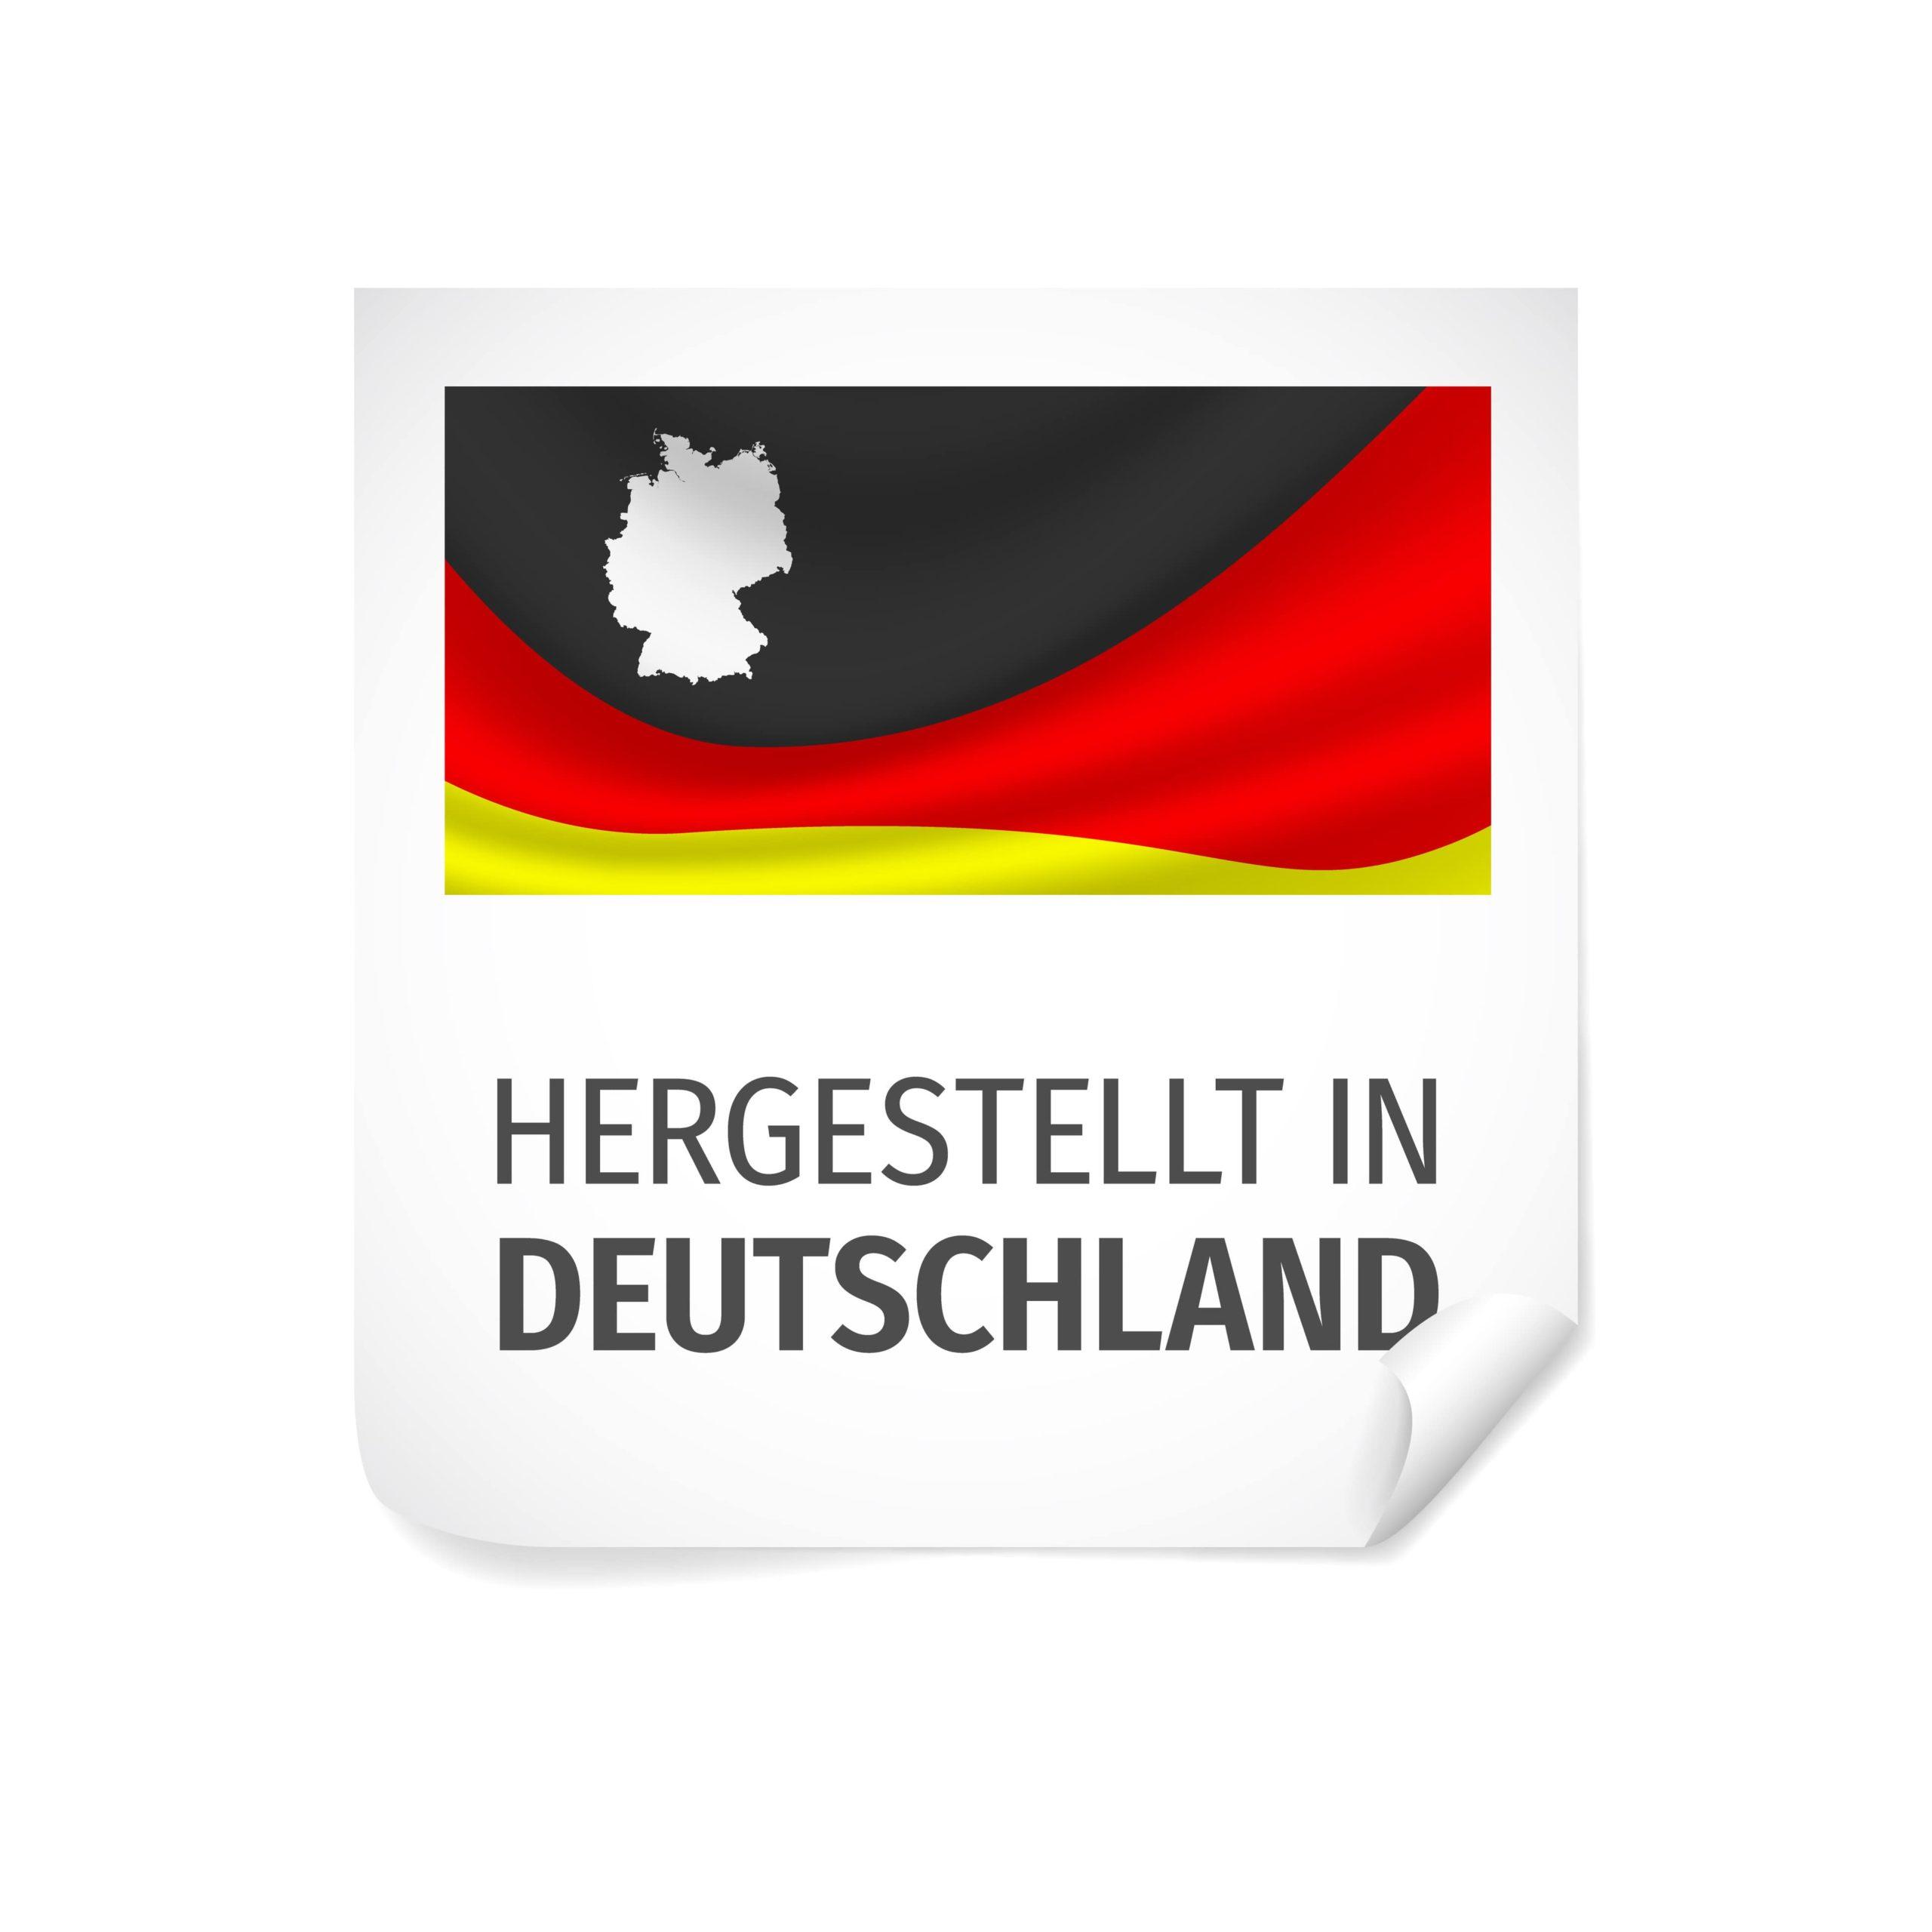 In Deutschland angefertigt.